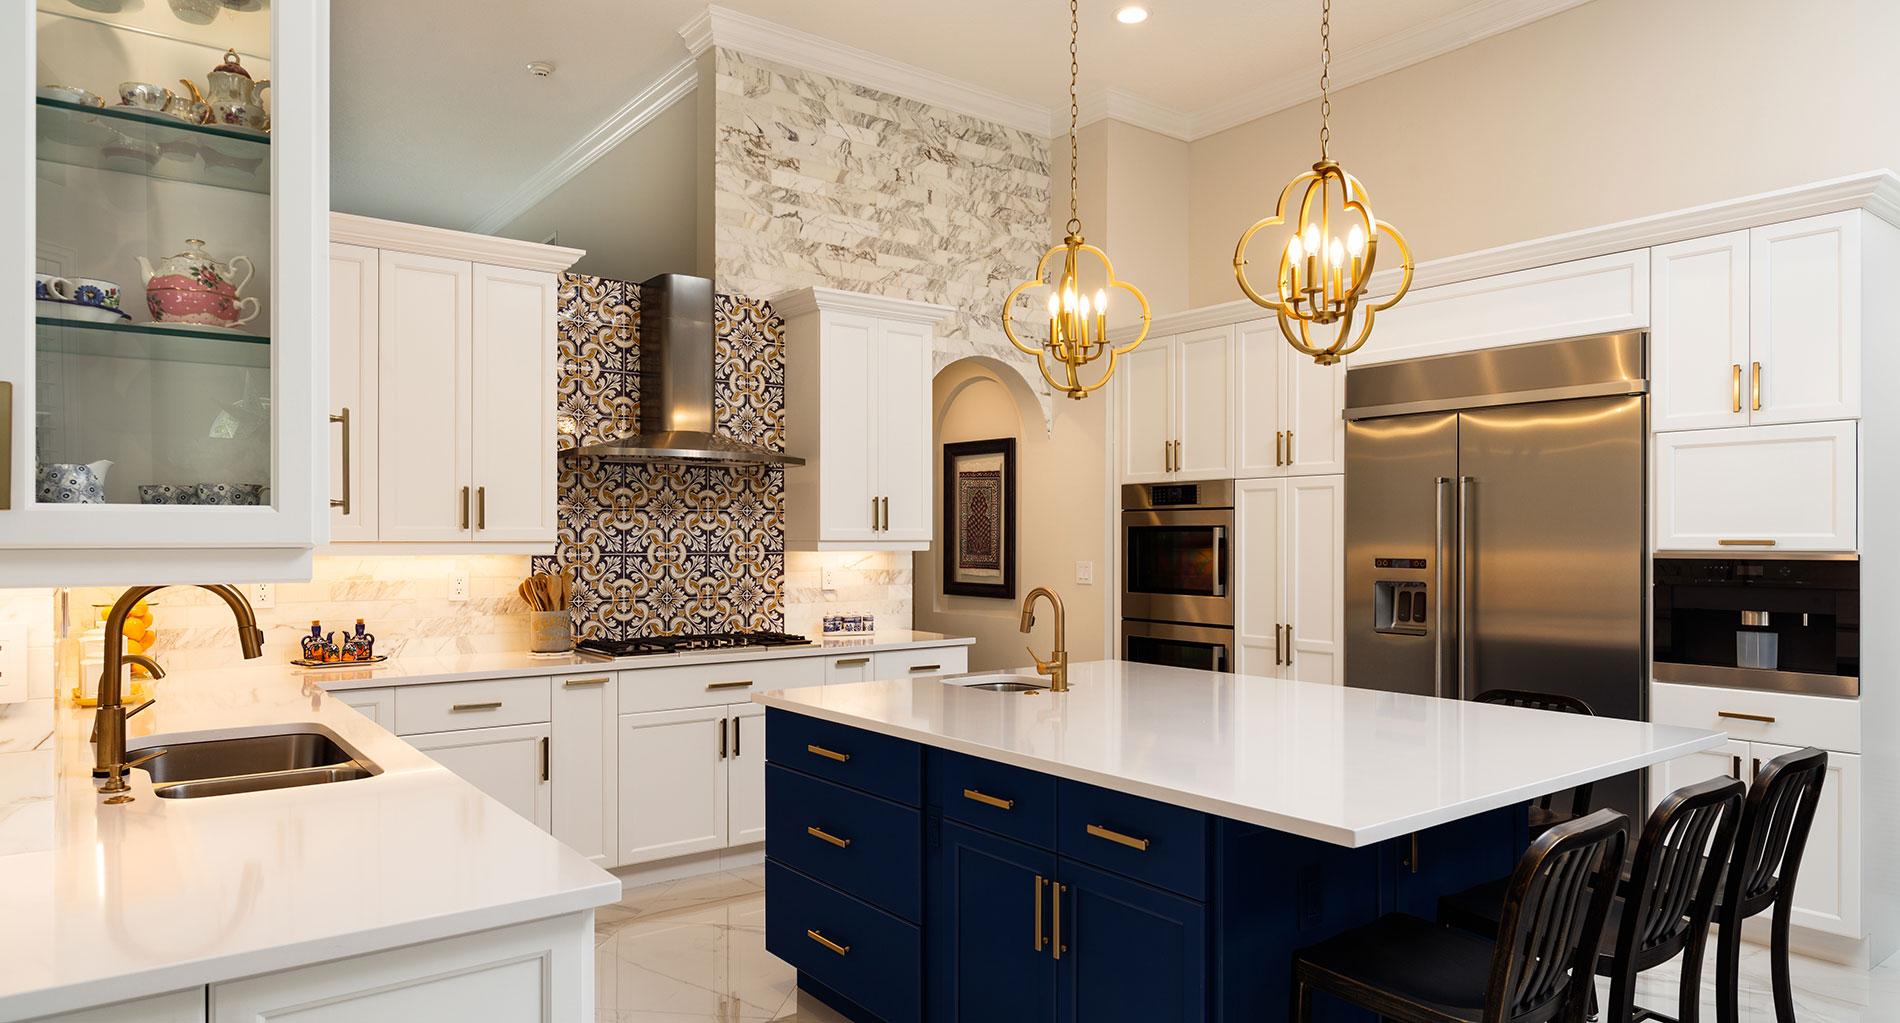 White Quartz Countertops Small Kitchen   Novocom.top